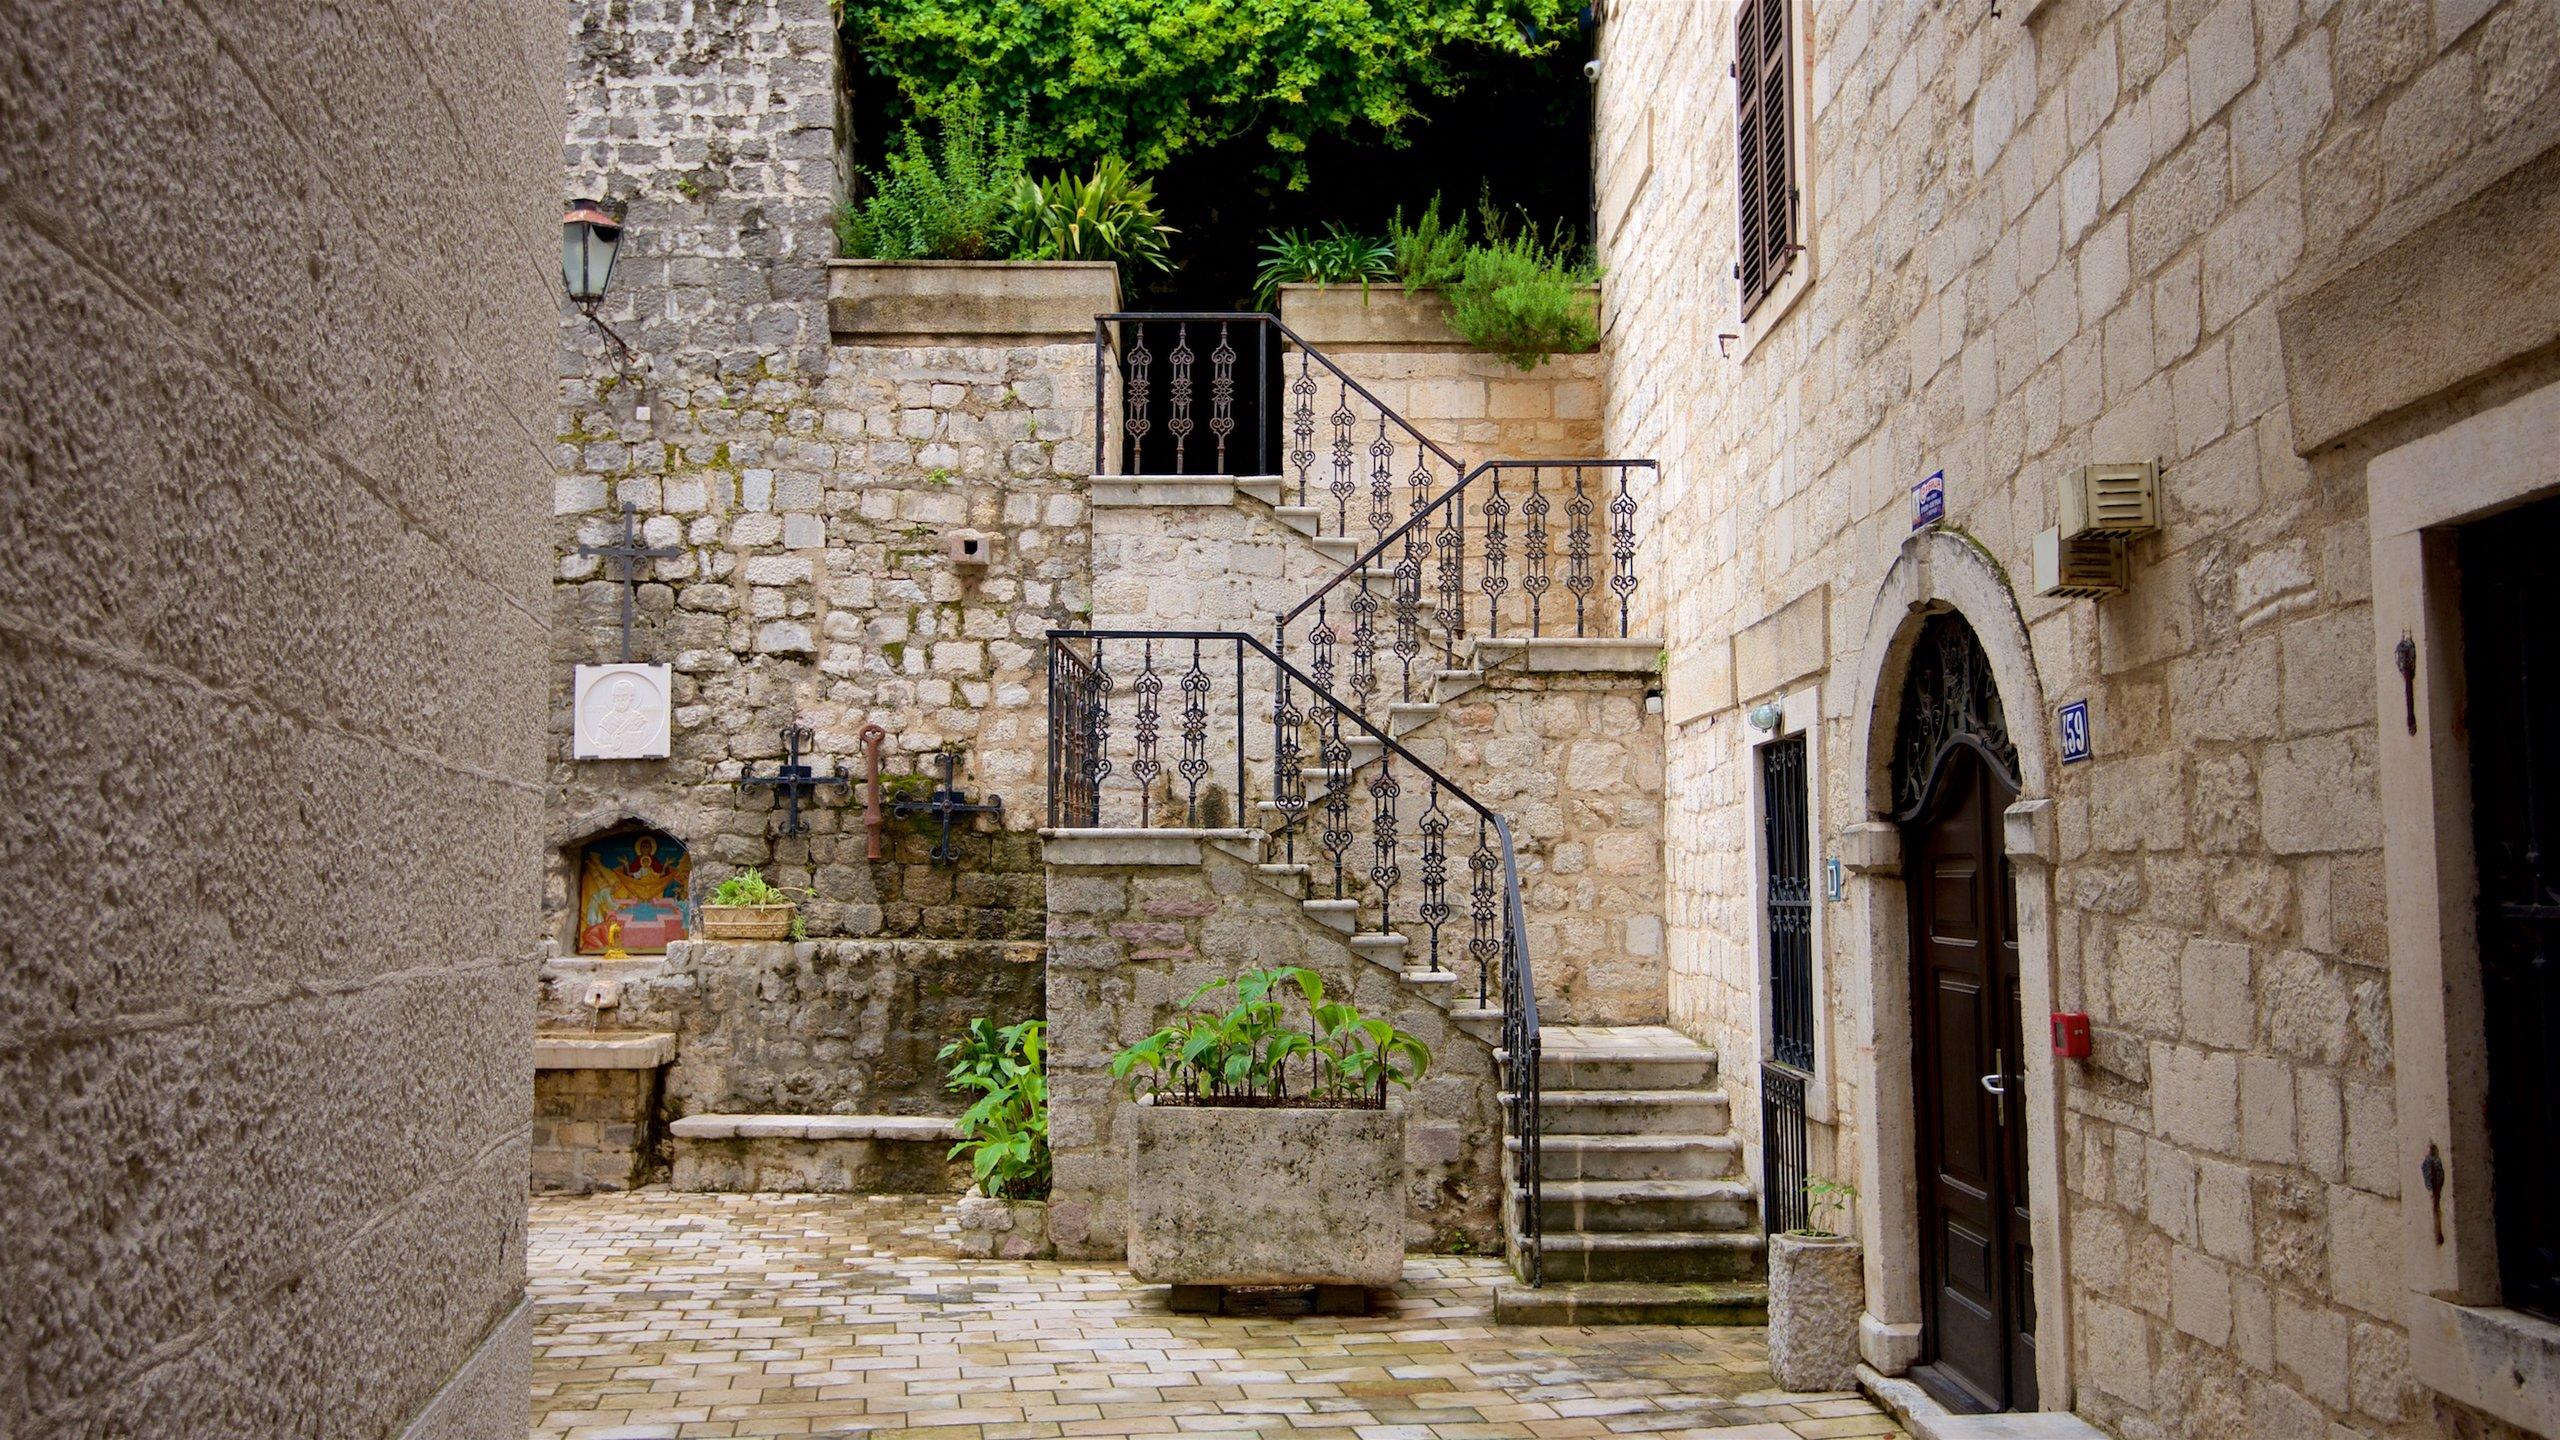 Kotor Old Town, Kotor, Kotor Municipality, Montenegro